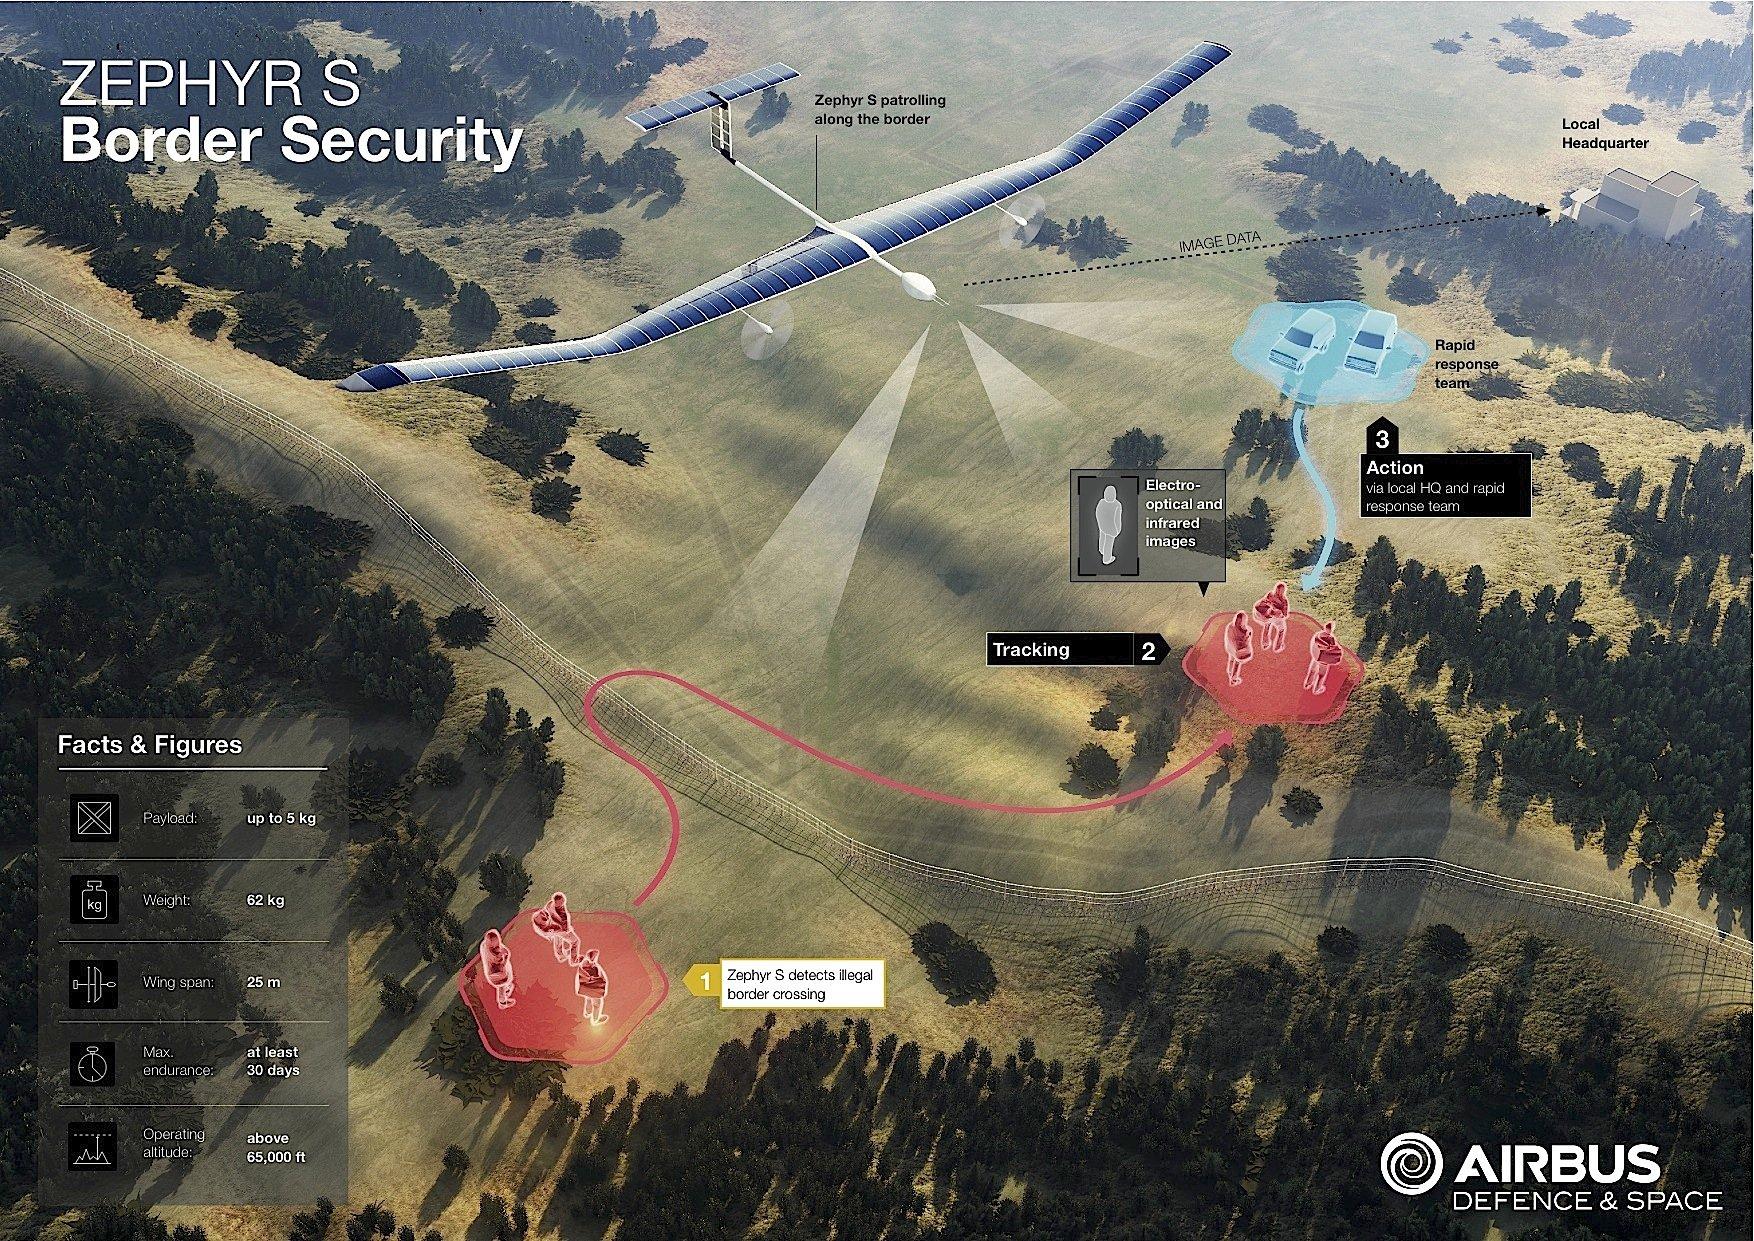 Einsetzbar sind die Zephyr-Dronen, um beispielsweise Grenzen zu sichern.